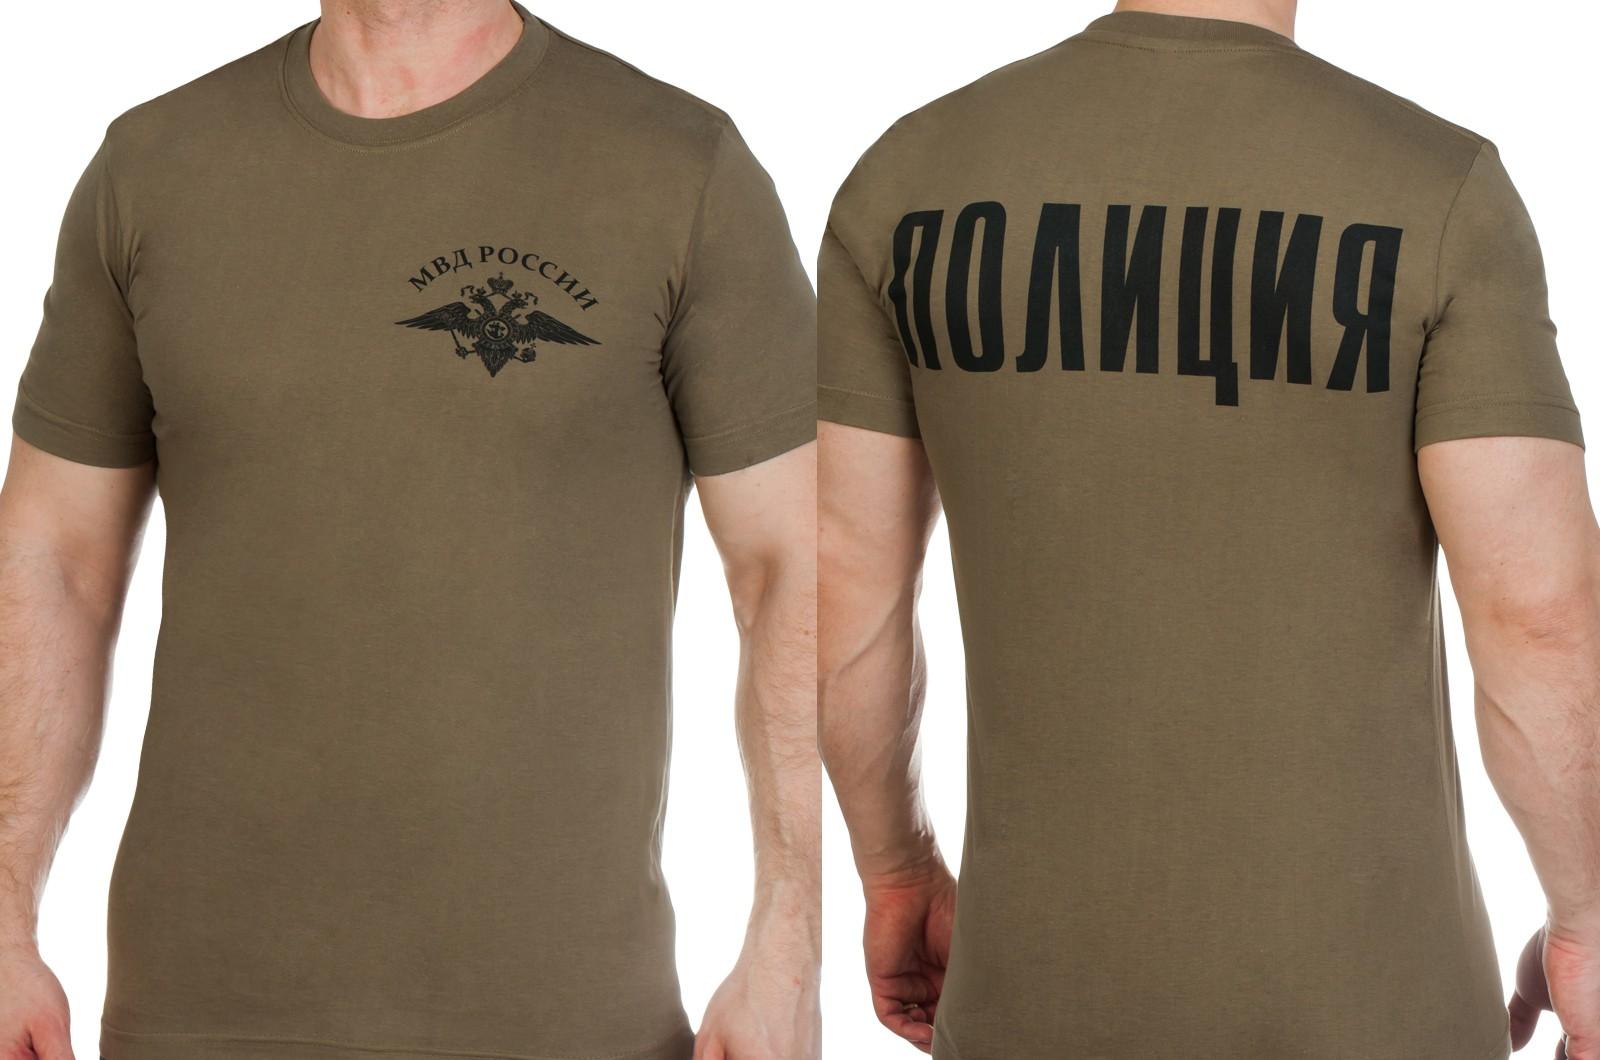 Заказать футболки Полиции с гербом МВД